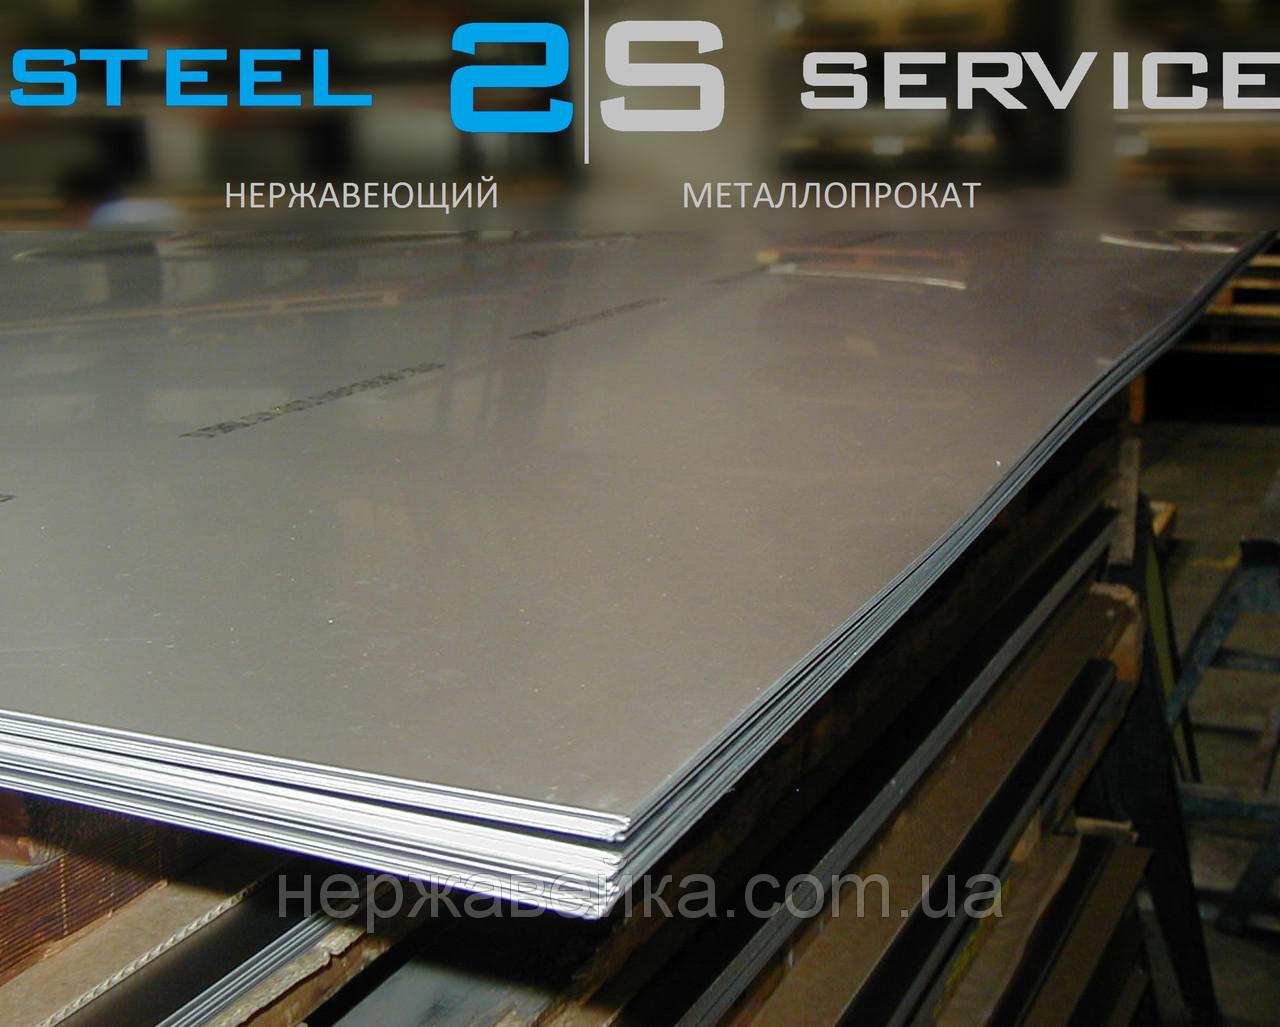 Нержавейка лист  1,5х1250х2500мм AISI 430(12Х17) 2B DECO, декоративный в пленке, кожа